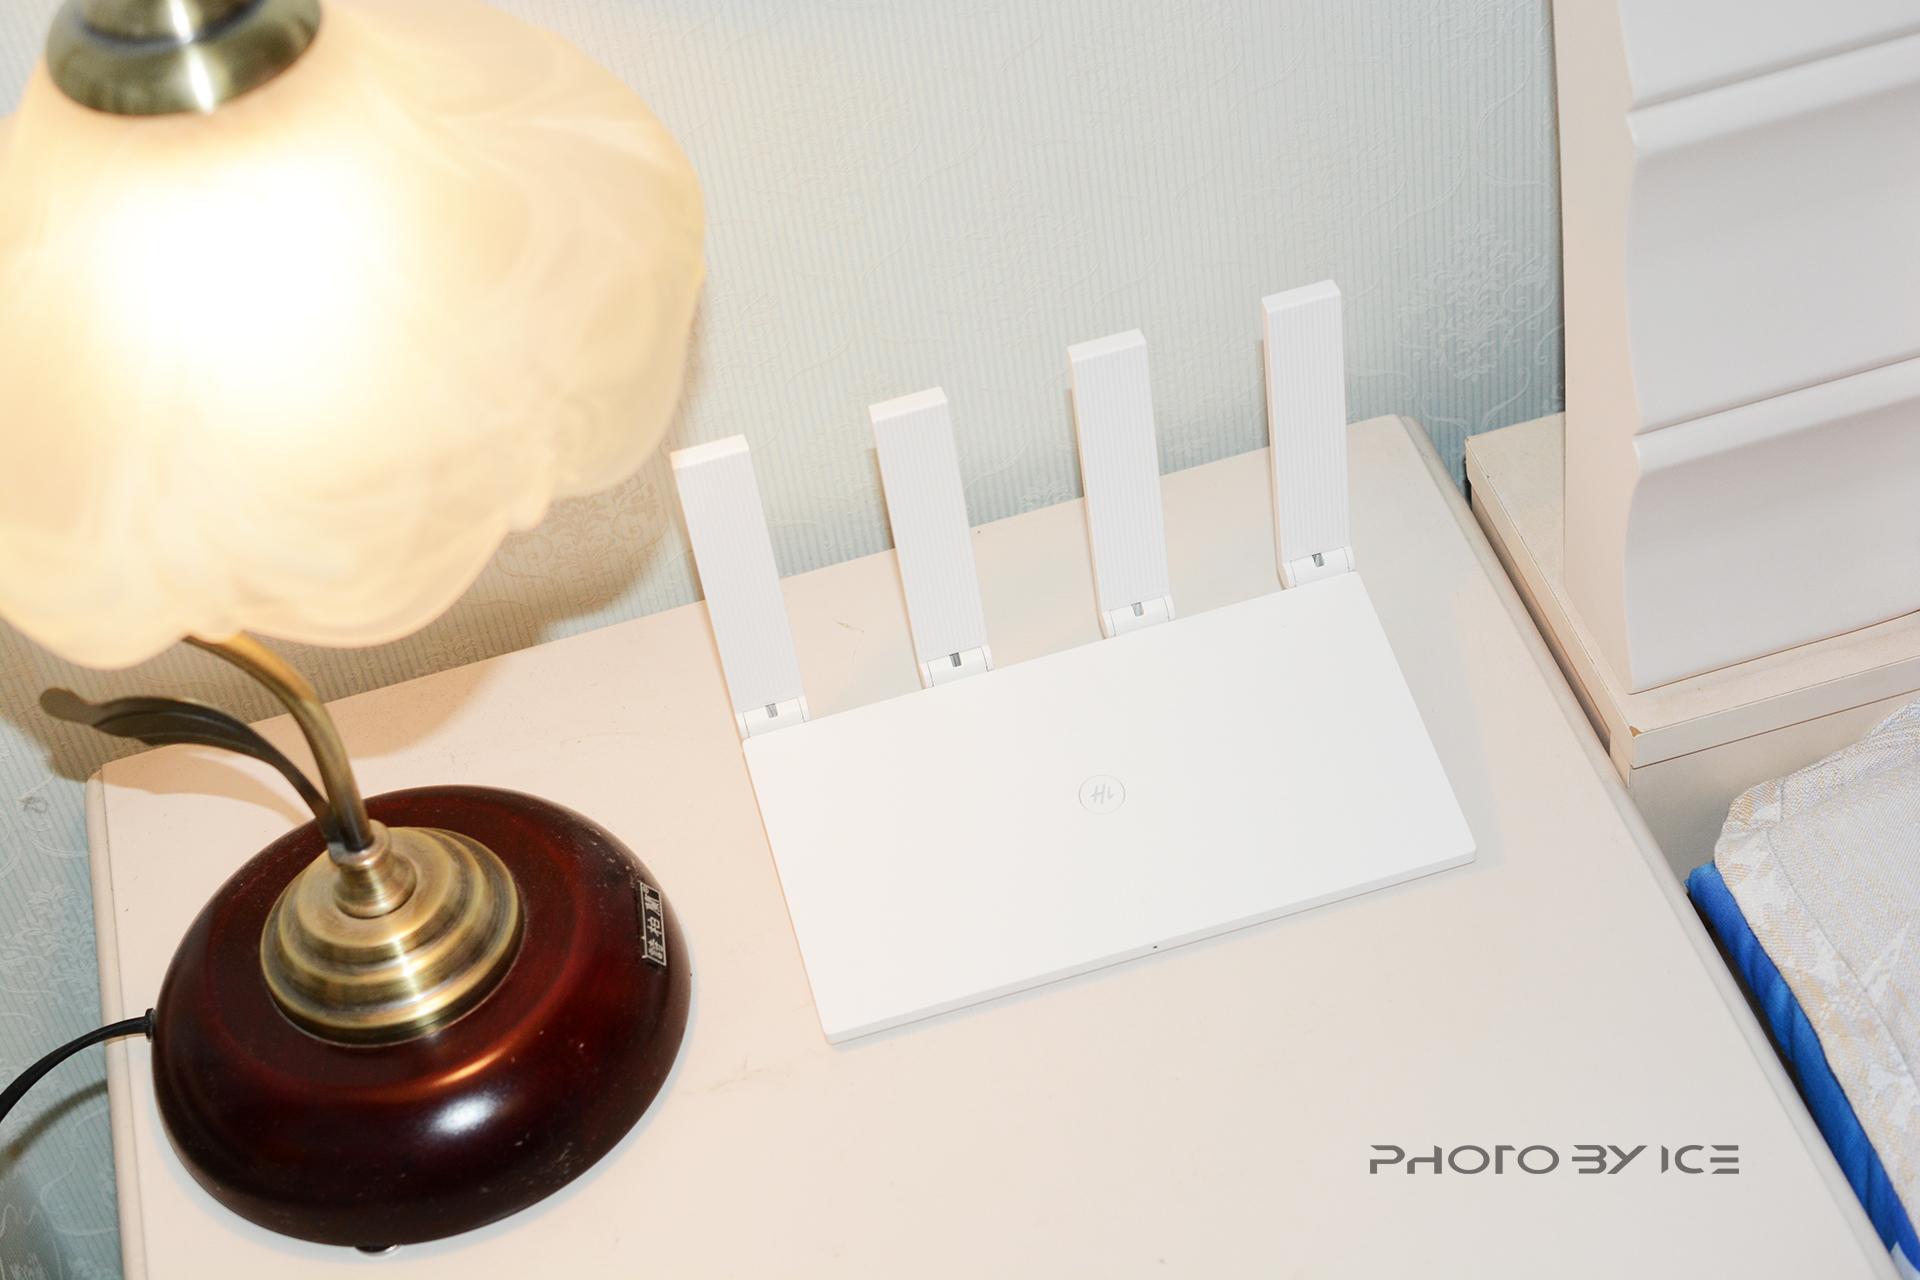 华为5200路由器怎么连接光猫(华为5200路由器使用体验和连接)